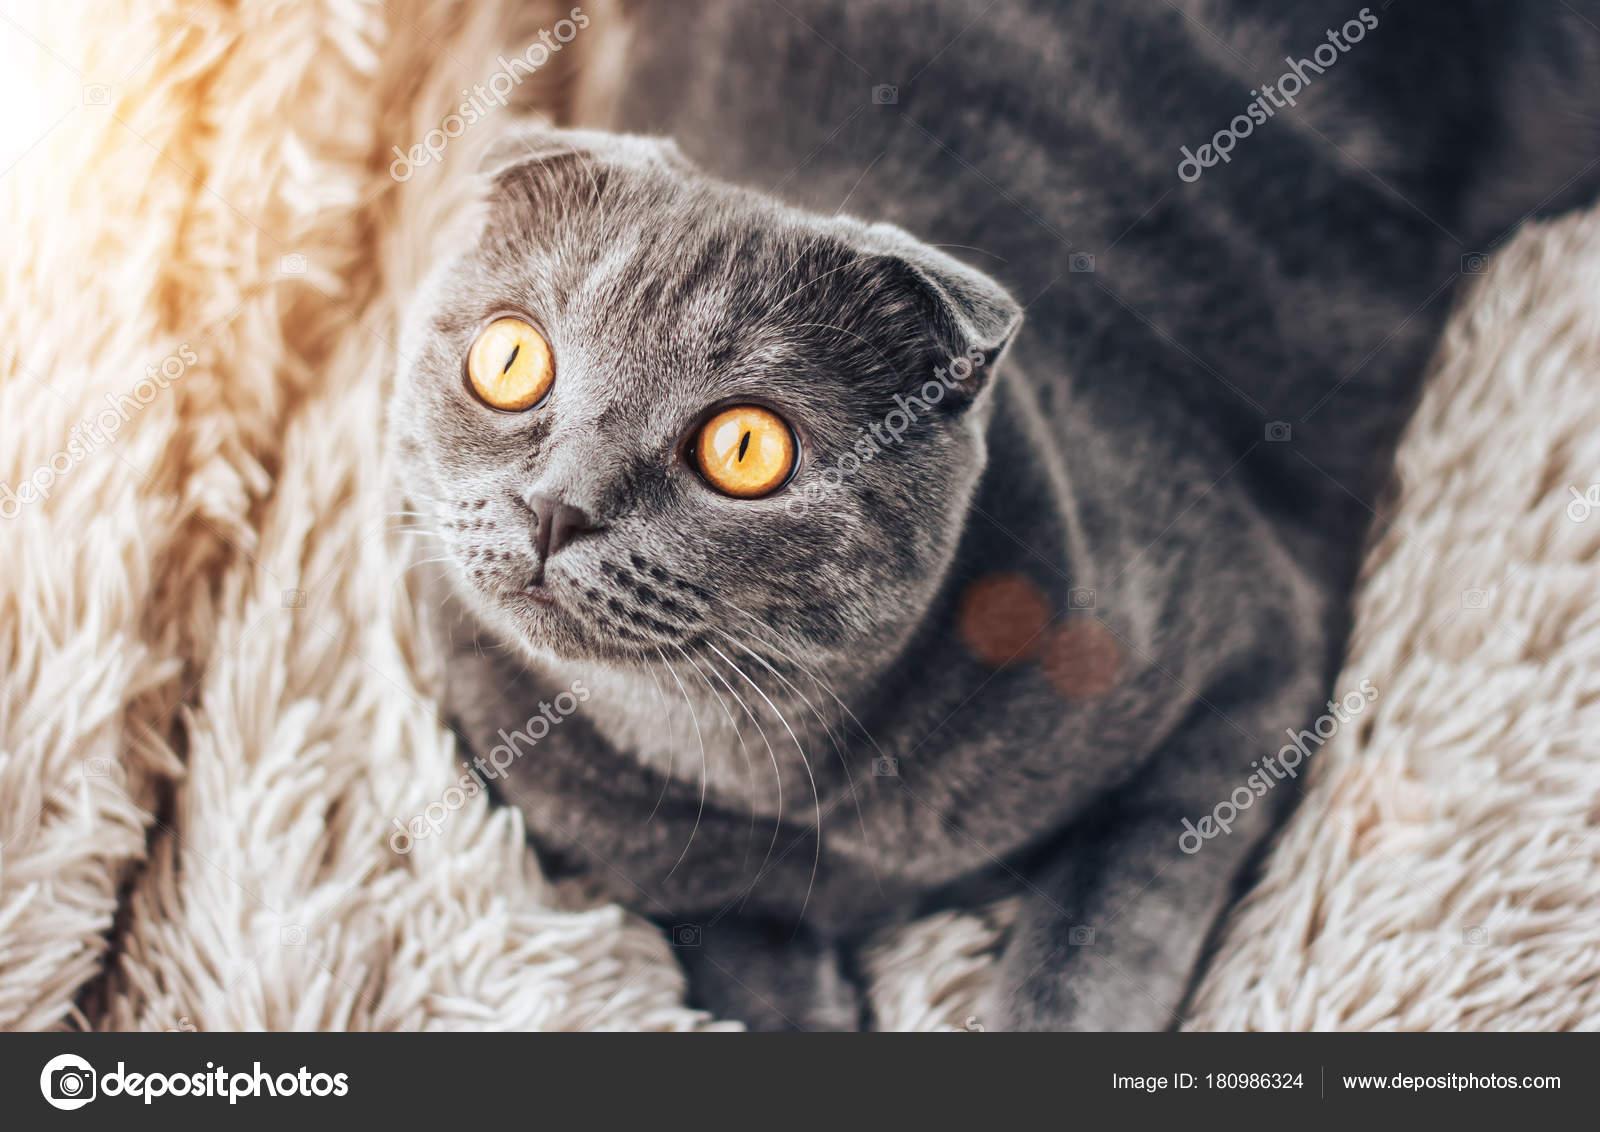 166c062bf06b Γκρι scottishfold γάτα κάθεται στο κρεβάτι και κοιτώντας ψηλά